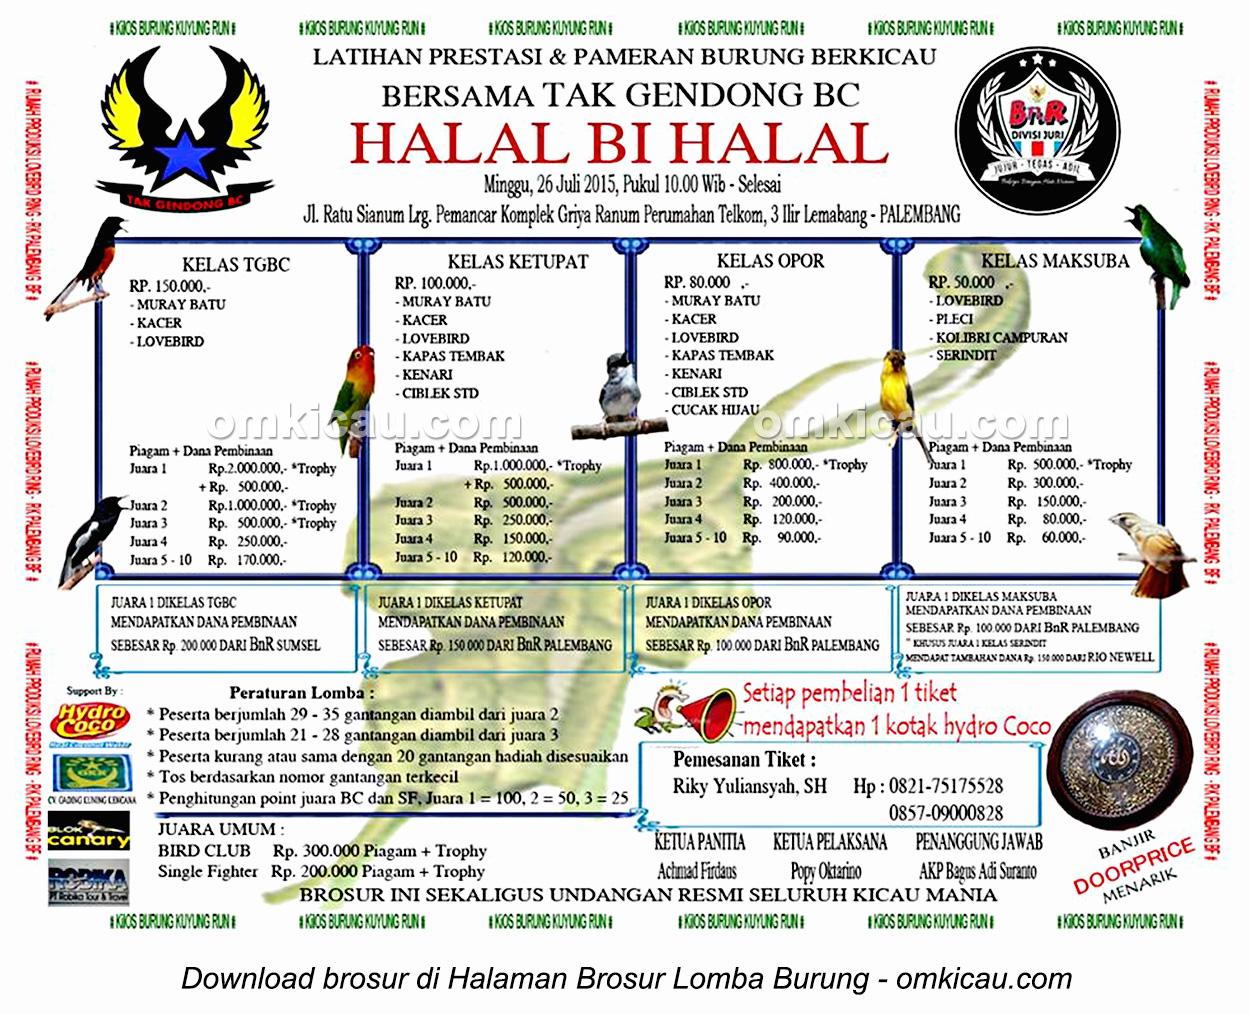 Brosur Latpres Halal Bihalal Tak Gendong BC, Palembang, 26 Juli 2015